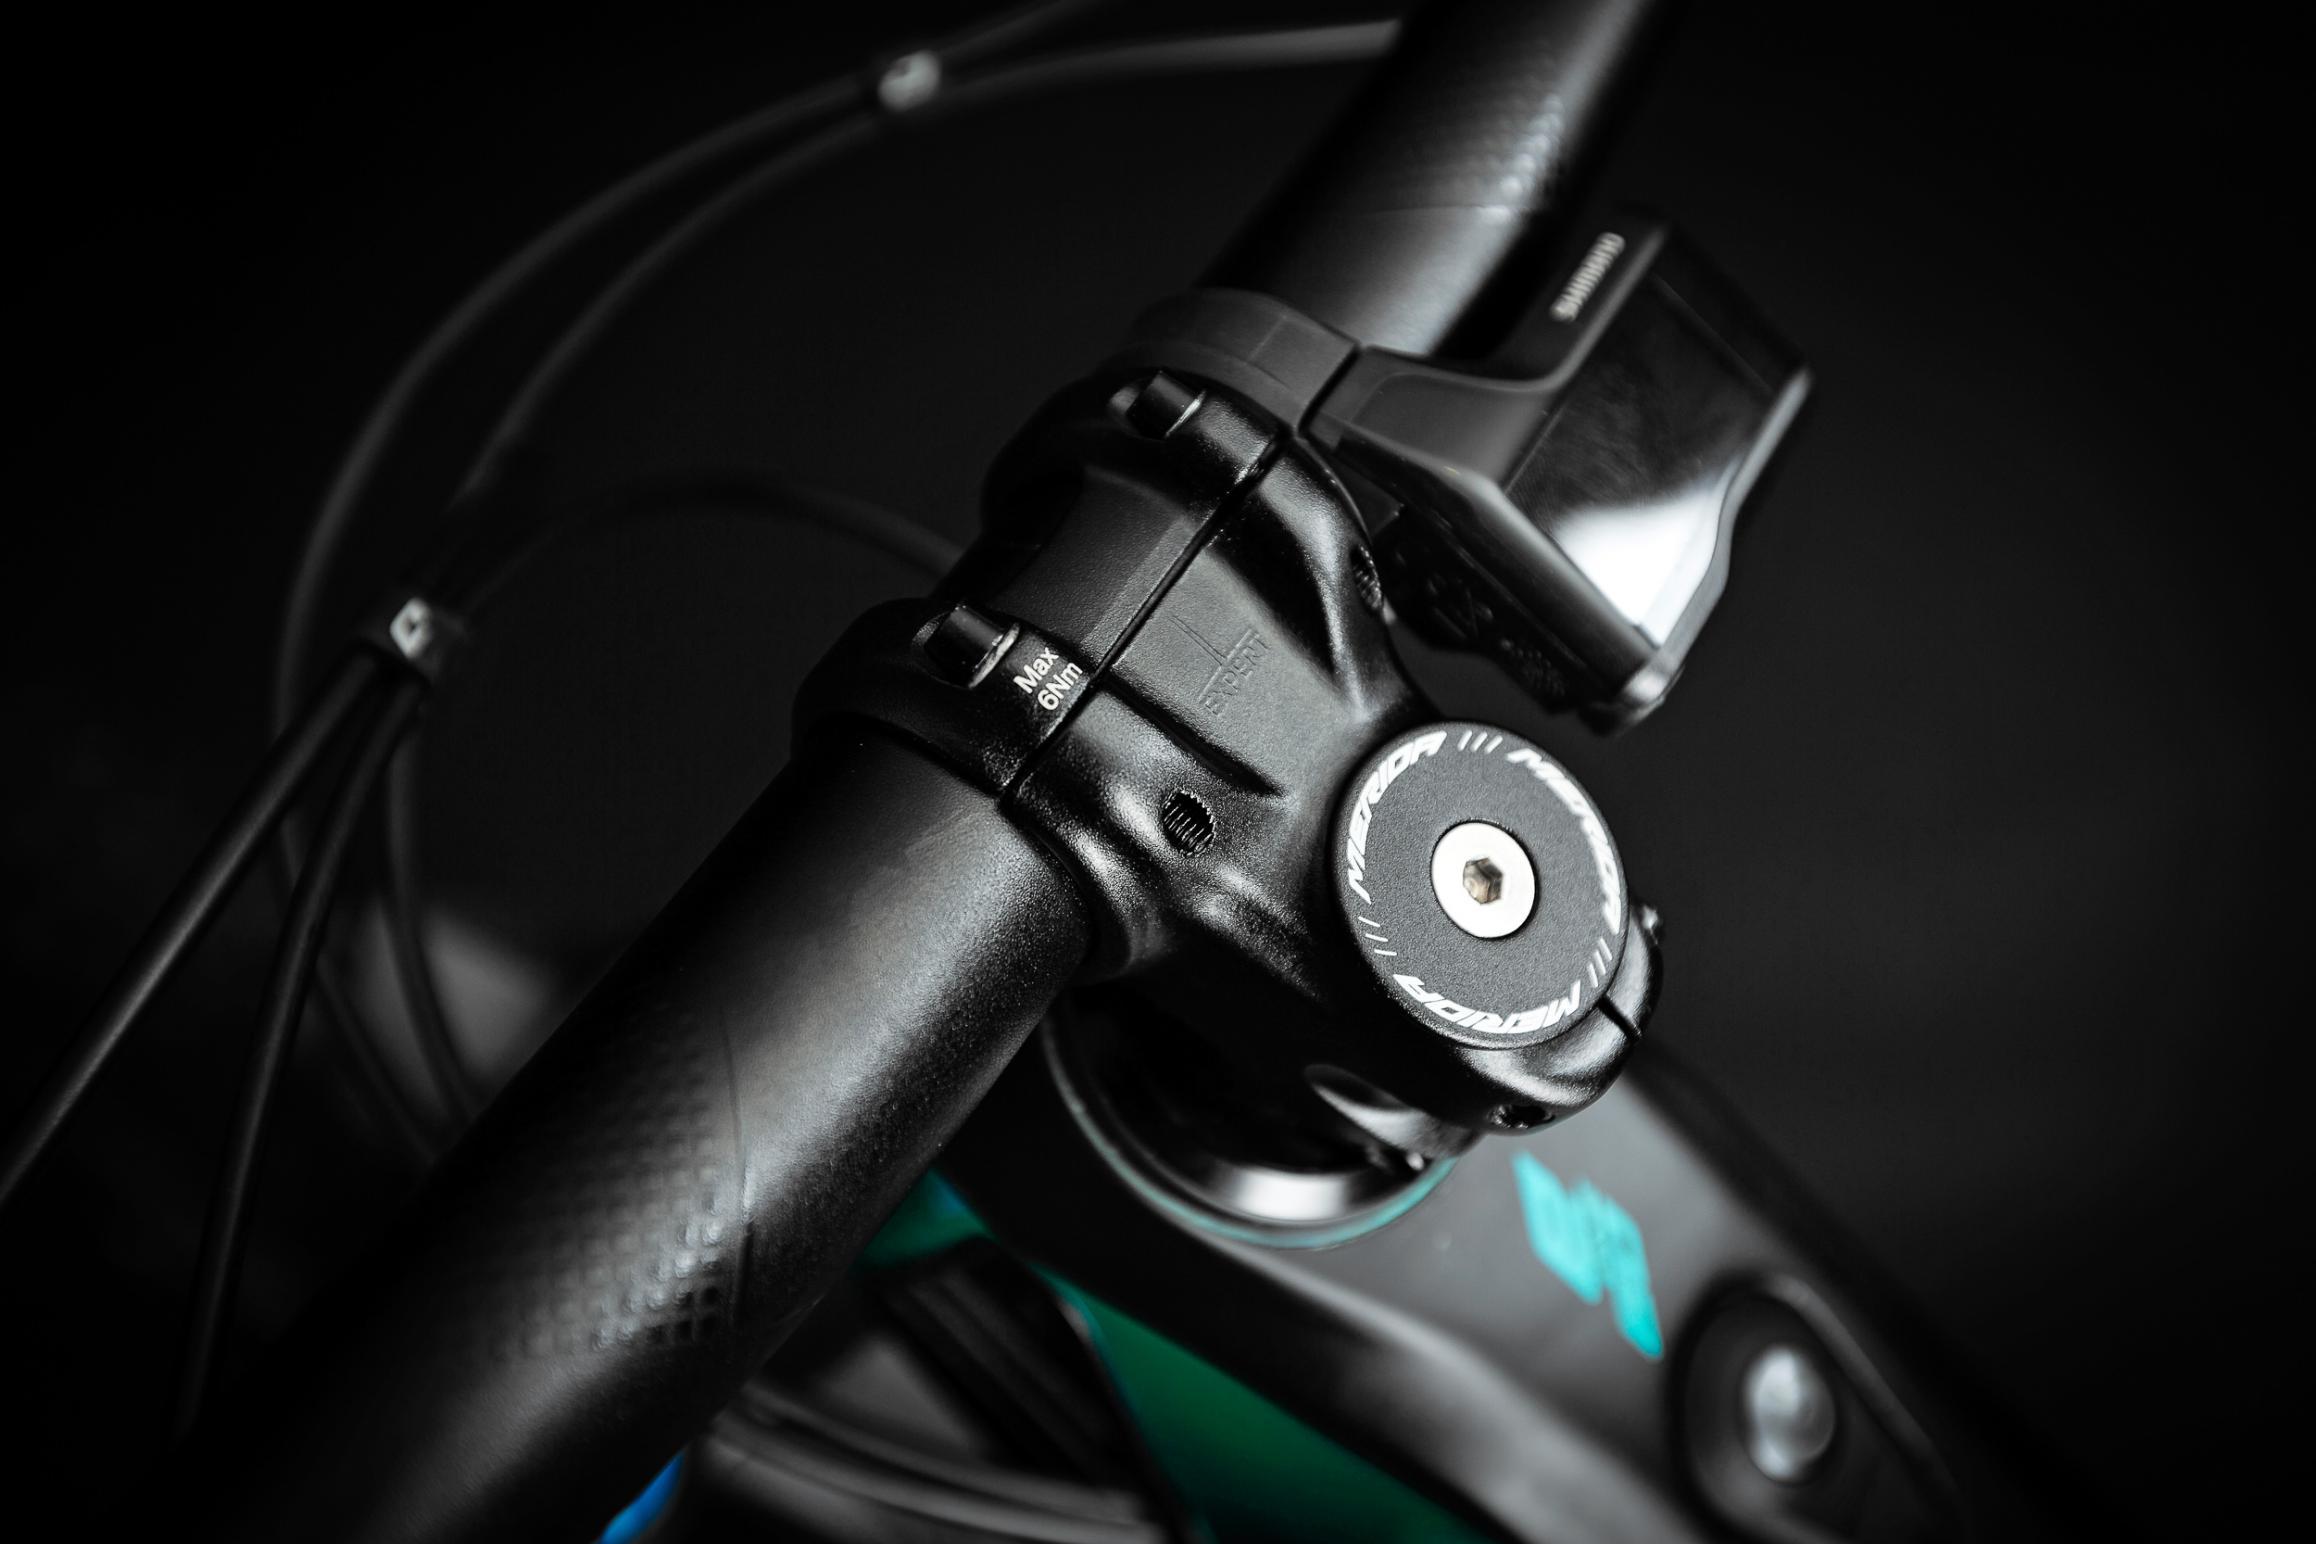 Merida Expert eTR Cockpit: Für eine saubere und aufgeräumte Optik werden die Kabel des E-Systems durch den Lenker und Vorbau geführt.